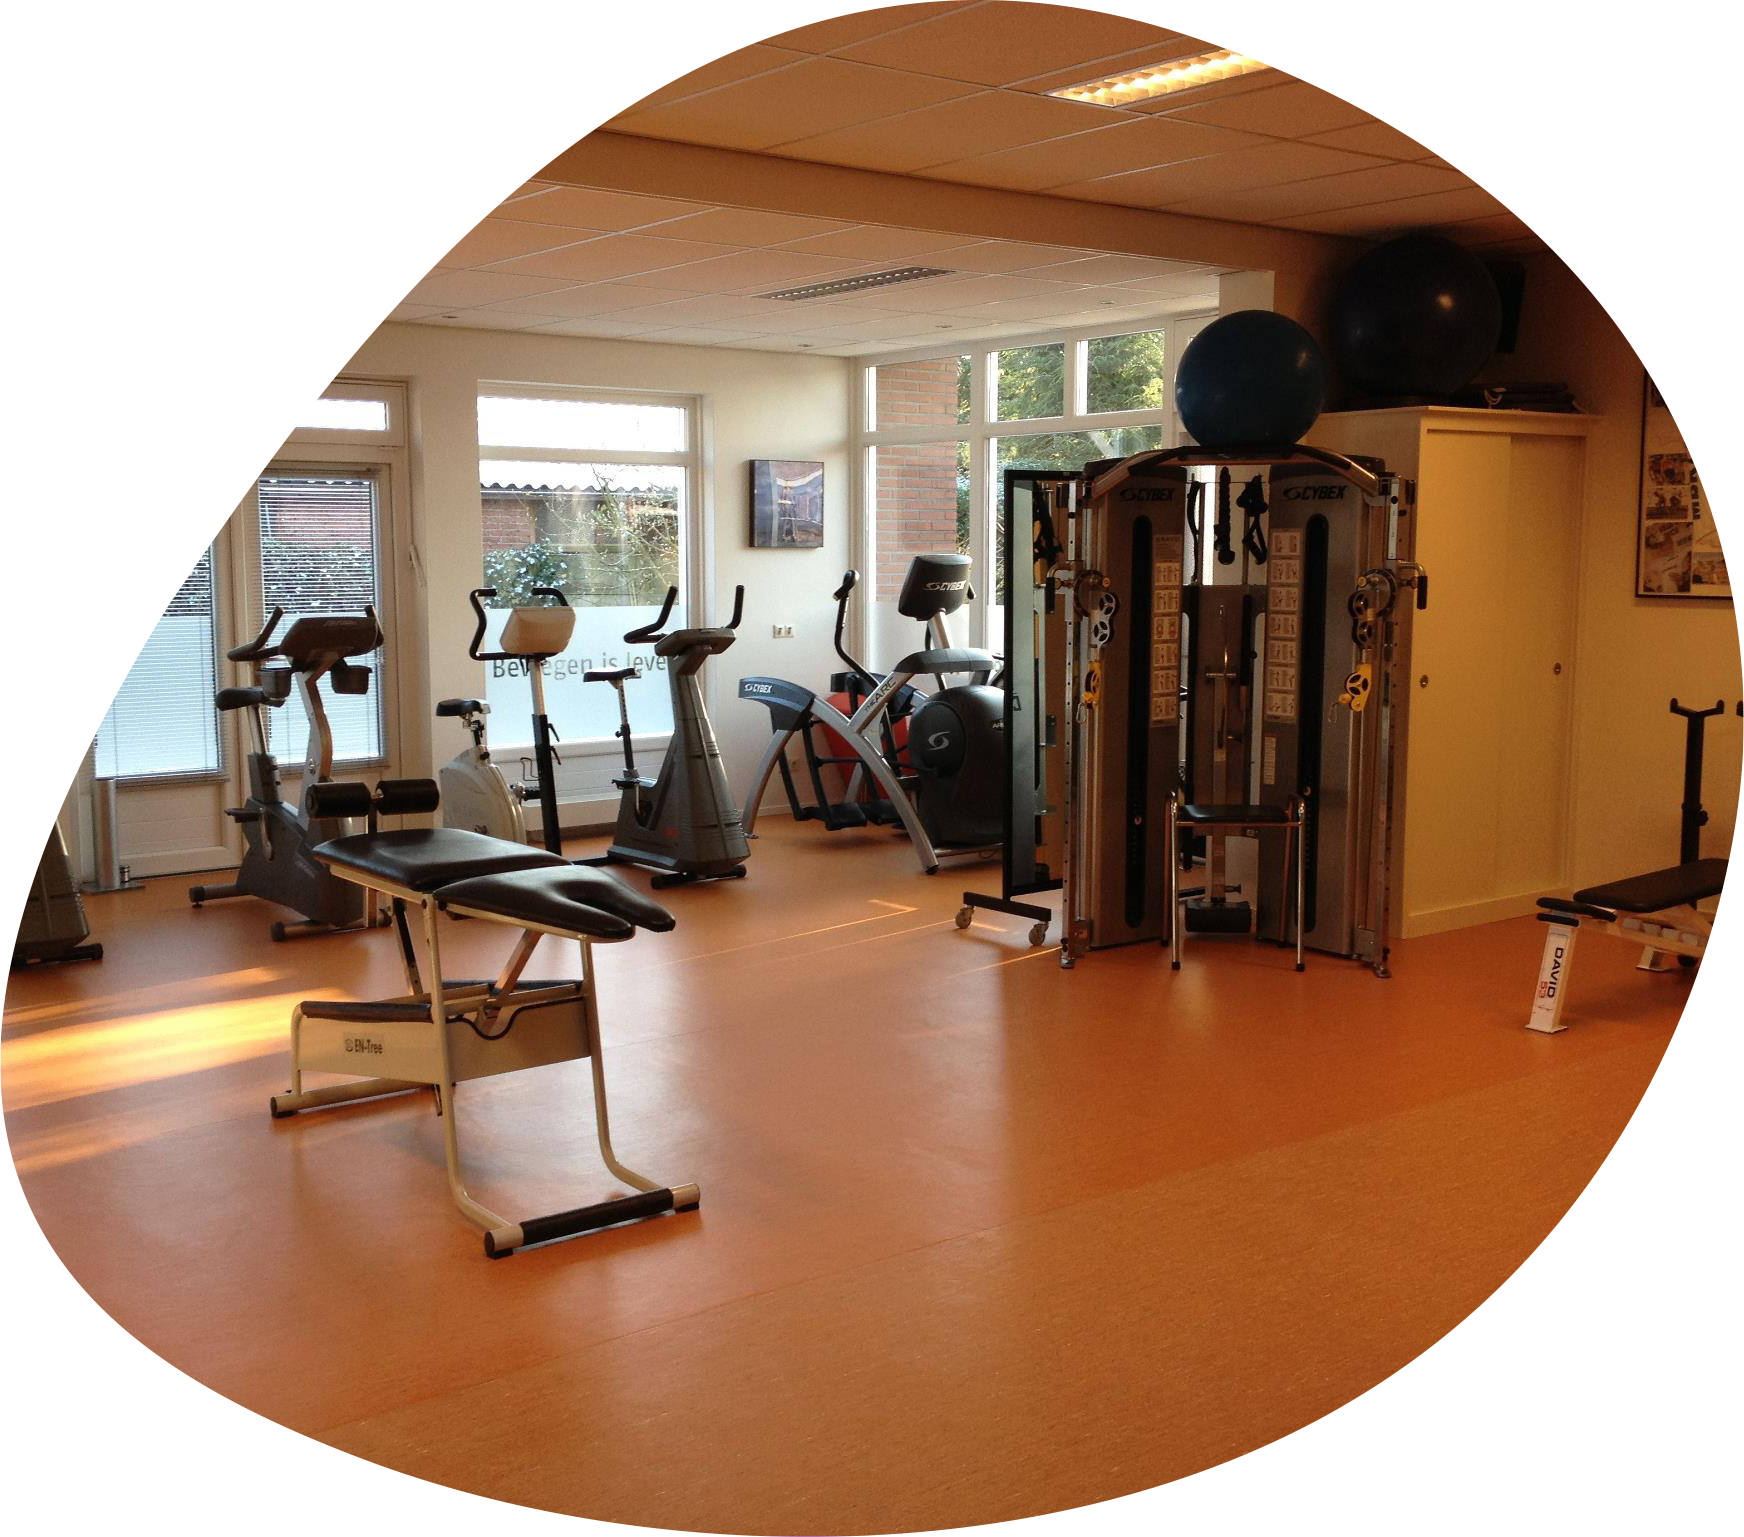 Oefenzaal - Van Panhuis Fysiotherapie Aalten